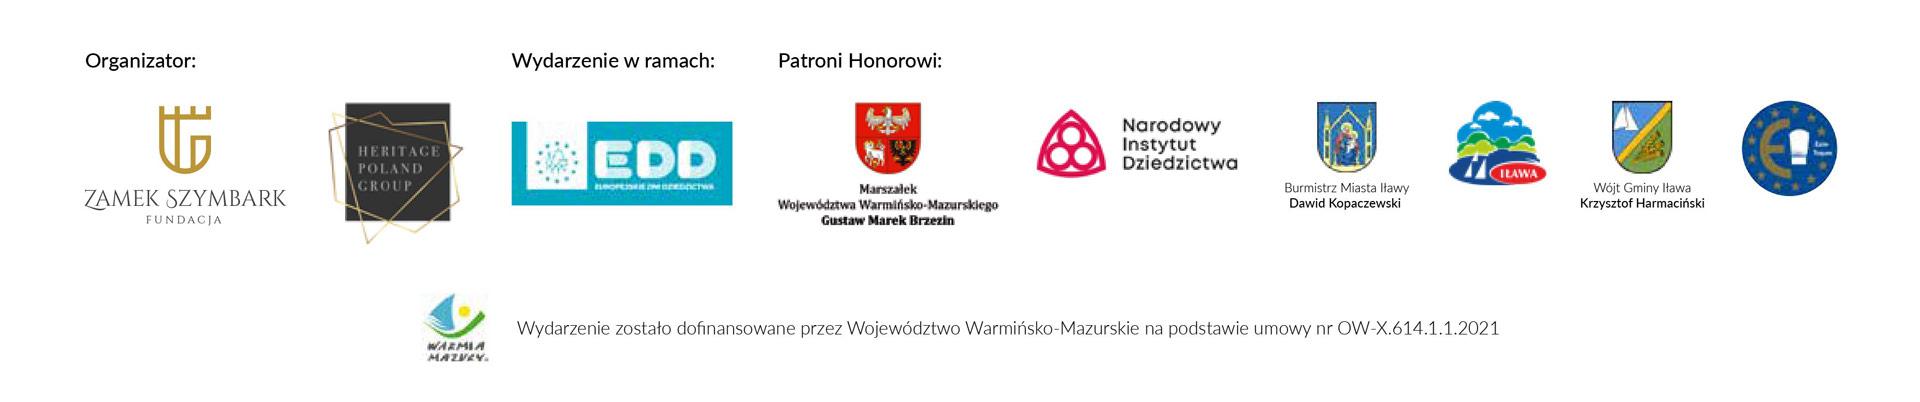 EDD Szymbark 2021 - Partnerzy